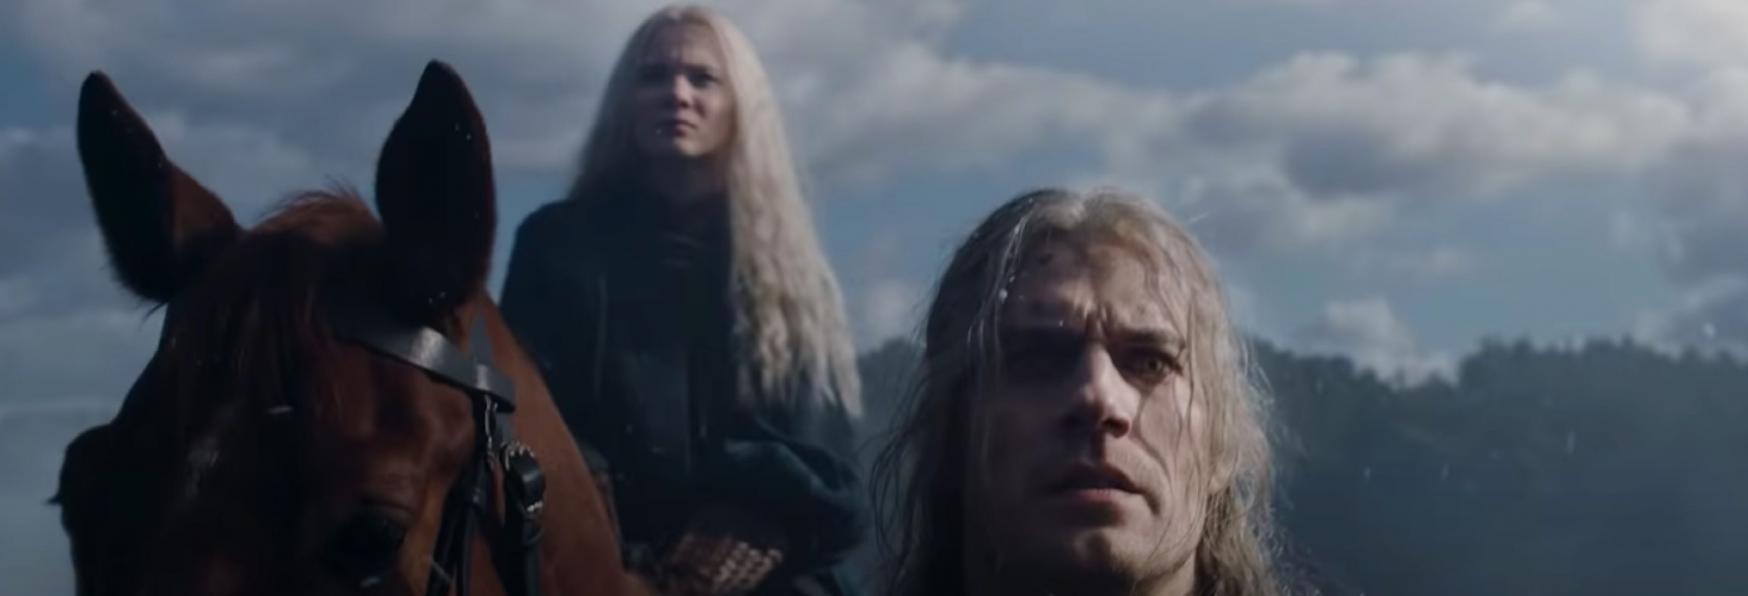 The Witcher 2: rilasciato il Trailer Ufficiale della nuova Stagione